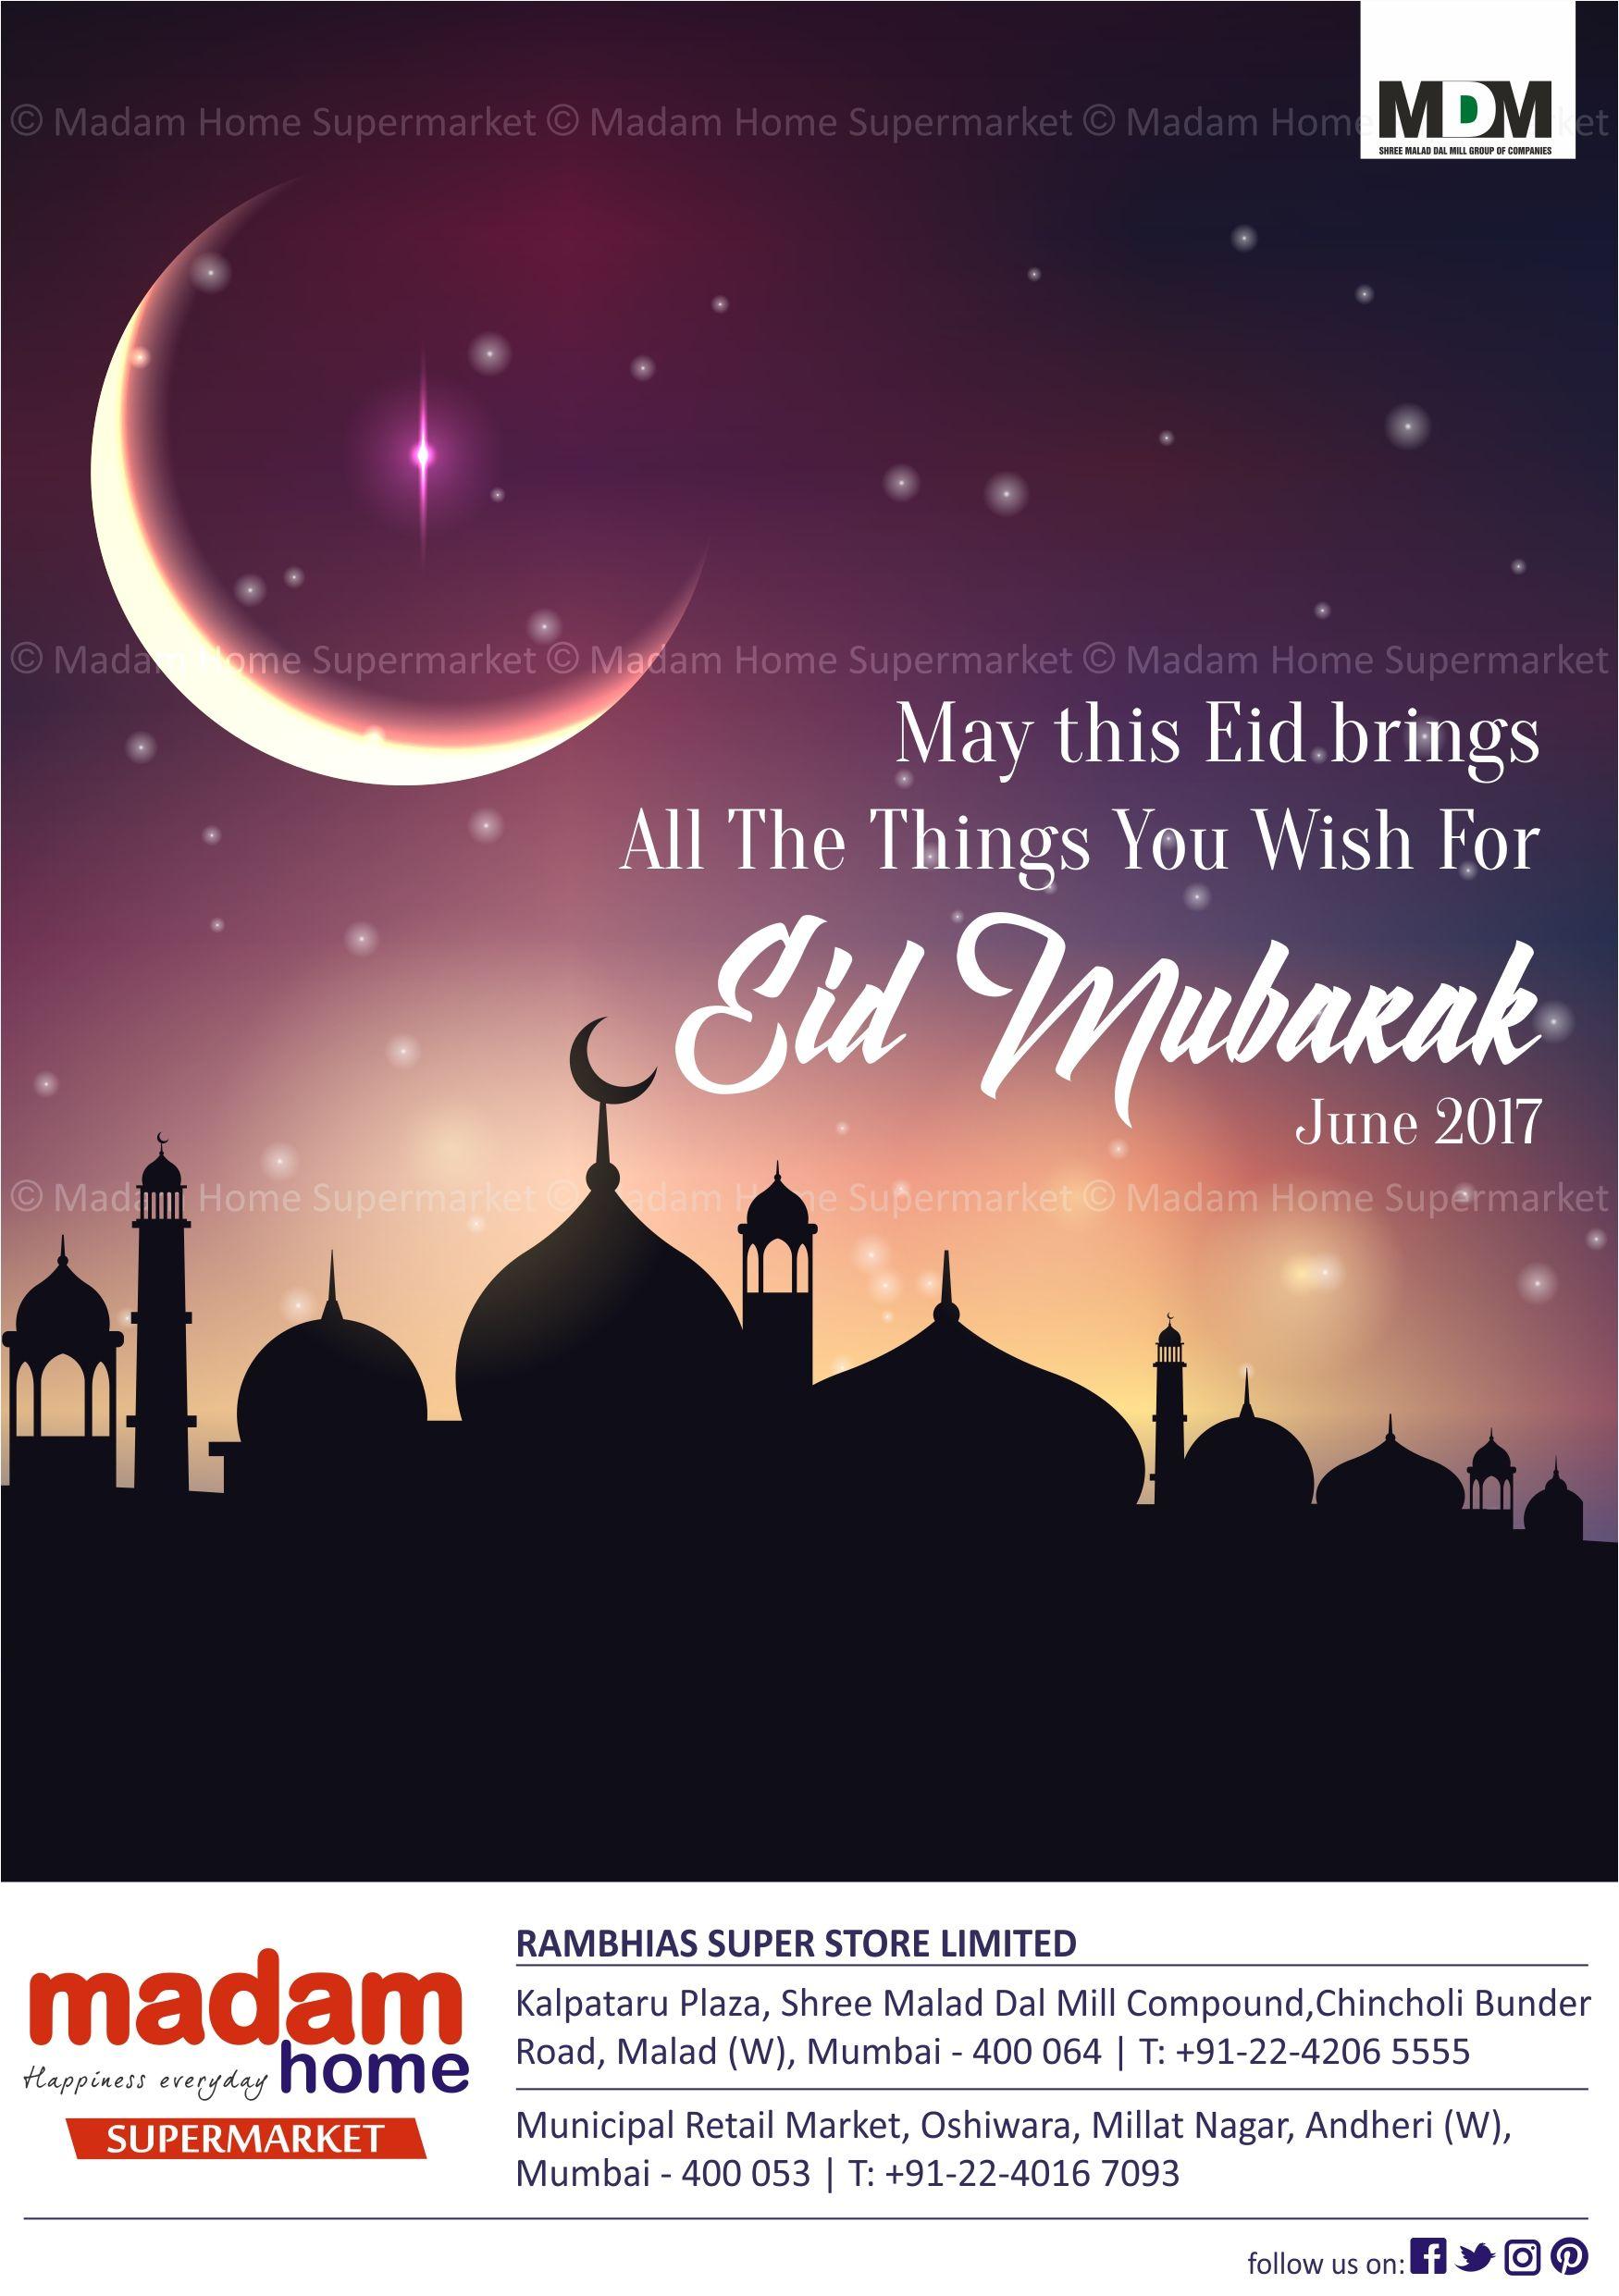 Eid Mubarak Eid Mubarak Eid Ul Fitr Eid